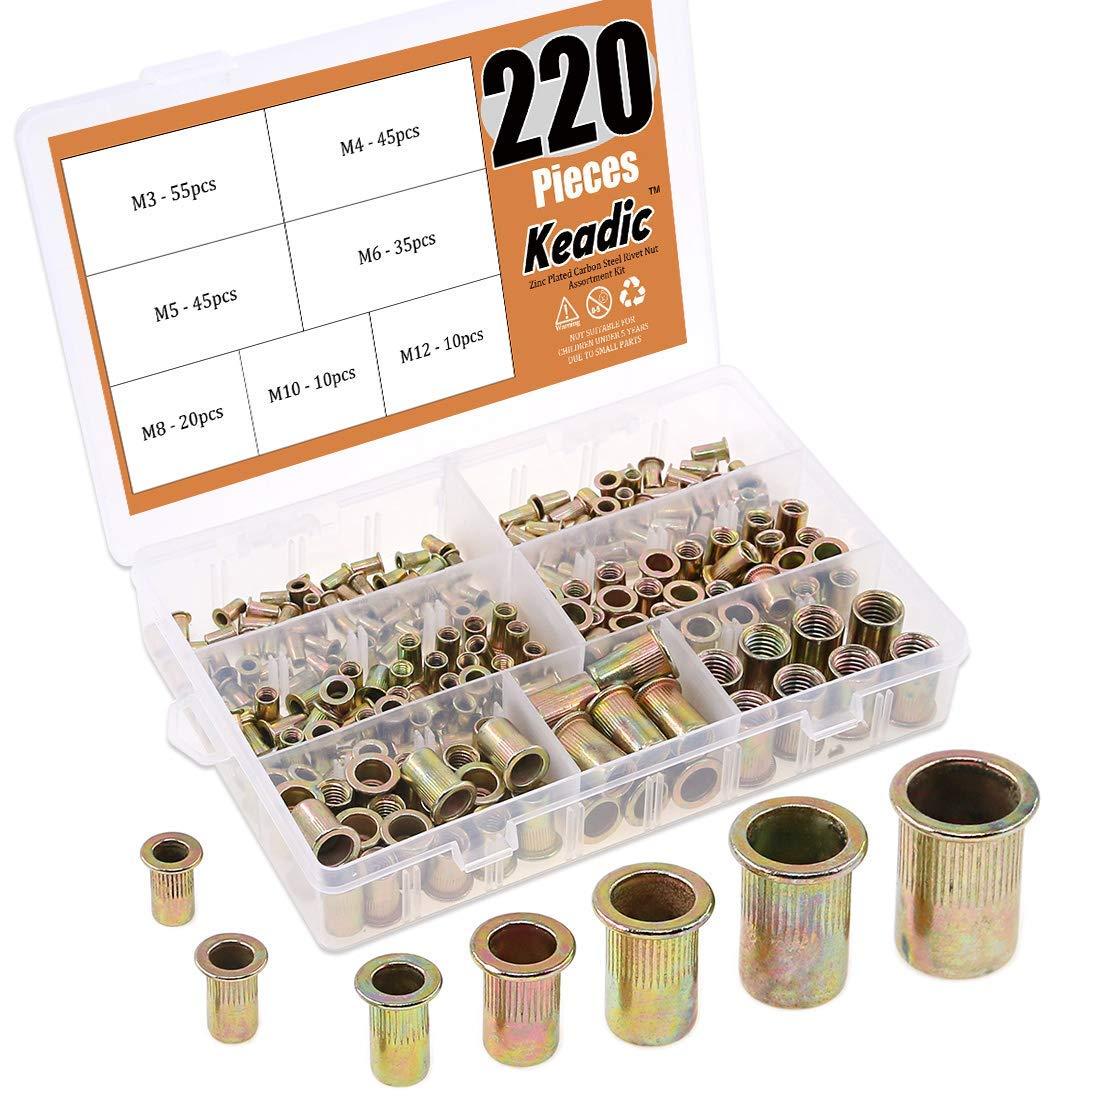 Keadic 220Pcs Metric Zinc Plated Carbon Steel Rivet Nut Flat Head Threaded Insert Nutsert Assortment Kit - 7 sizes:M3 M4 M5 M6 M8 M10 M12 by Keadic